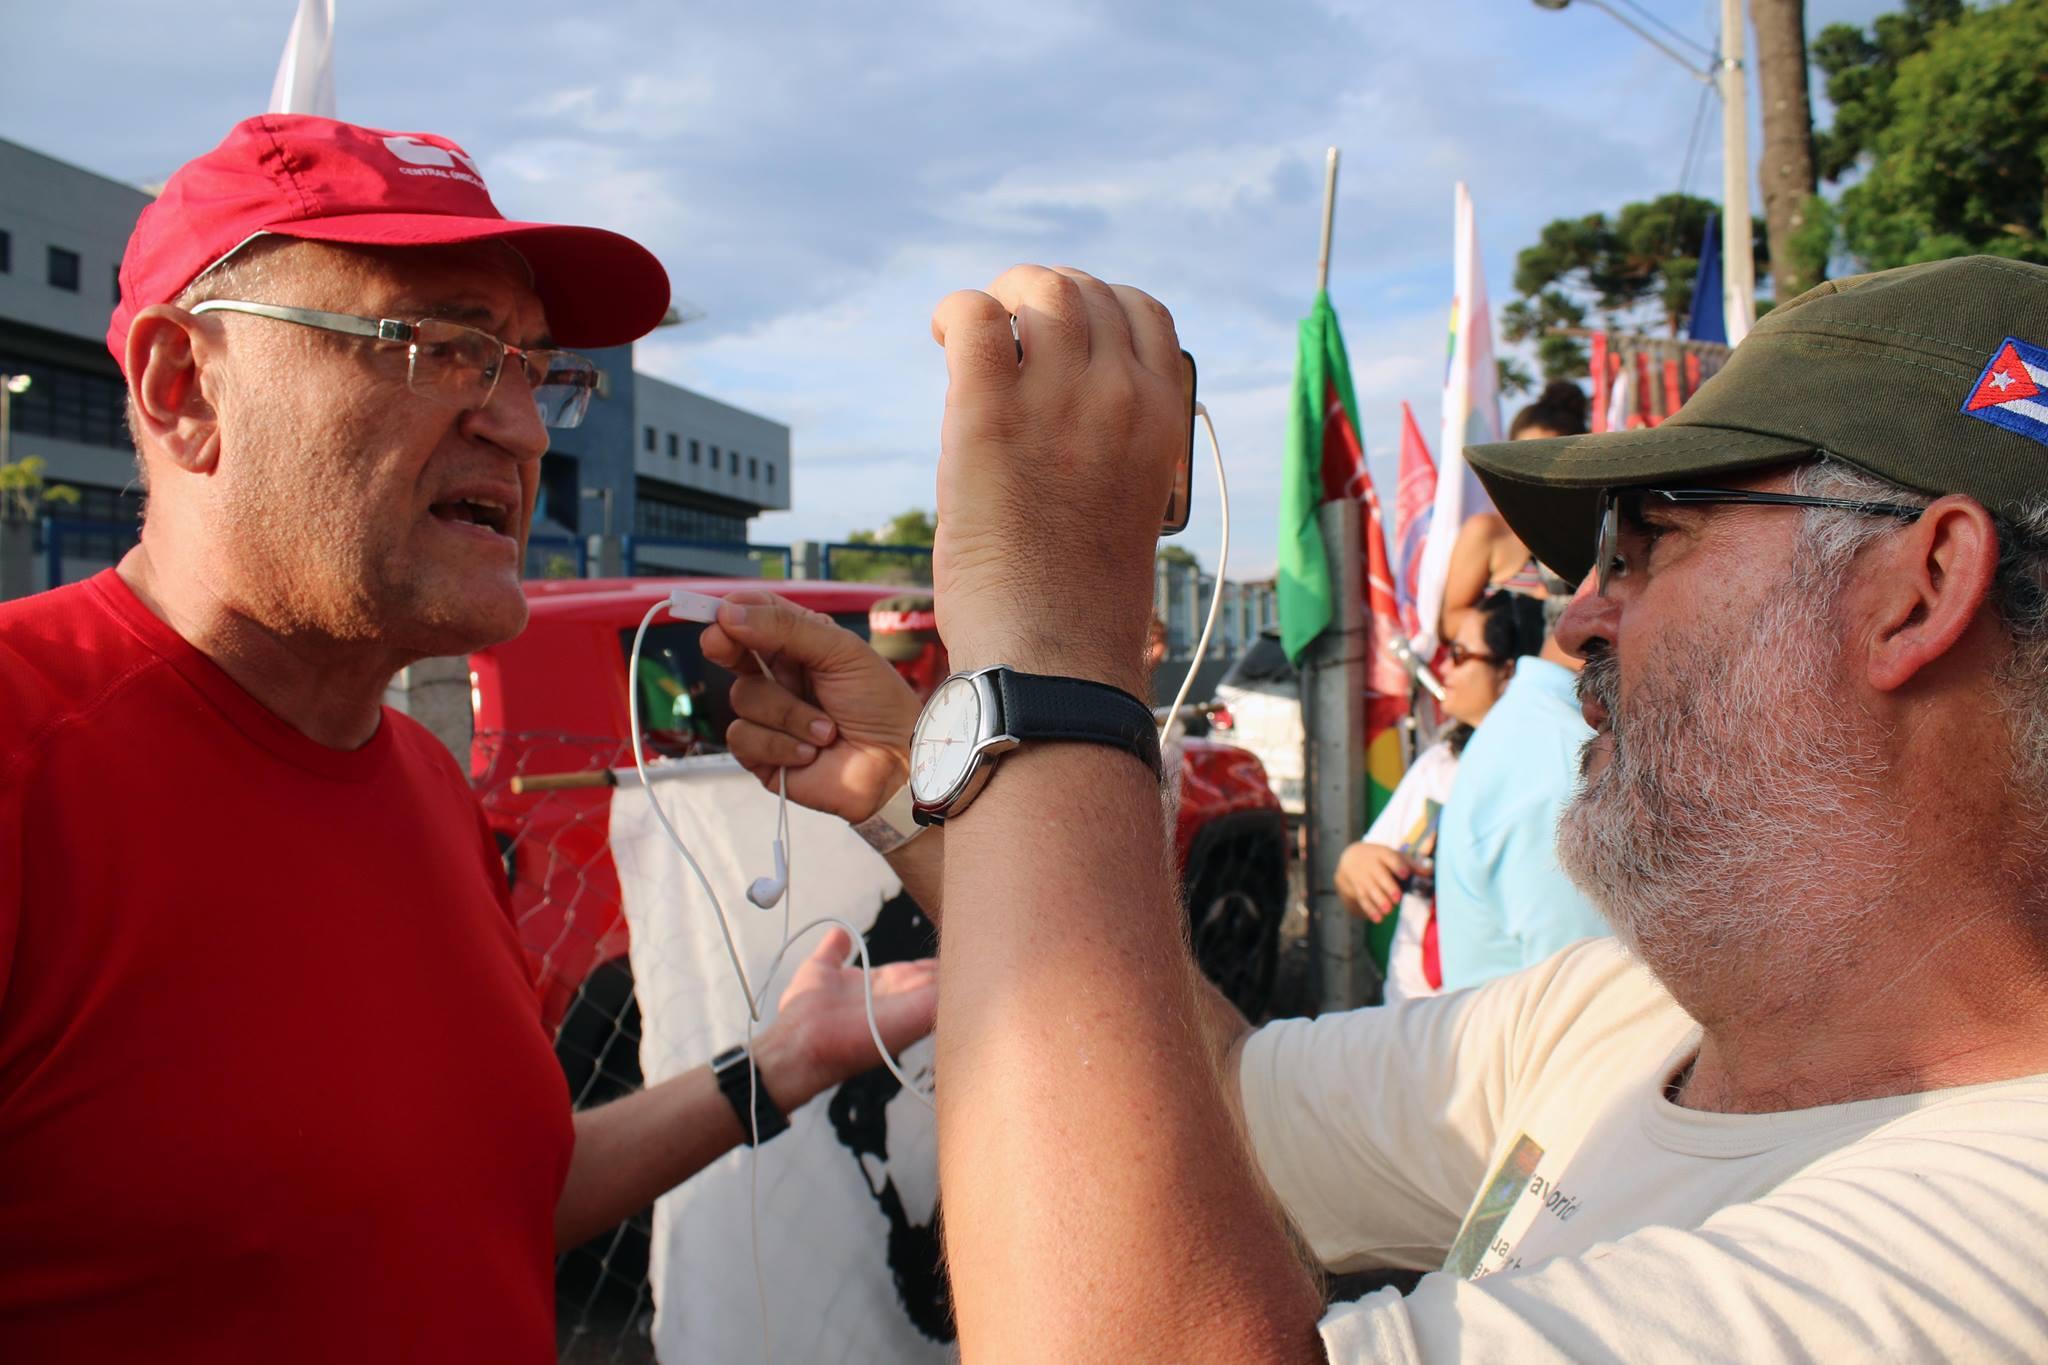 FOTO14B-Cadu Bazilevski (Jornalistas Liv